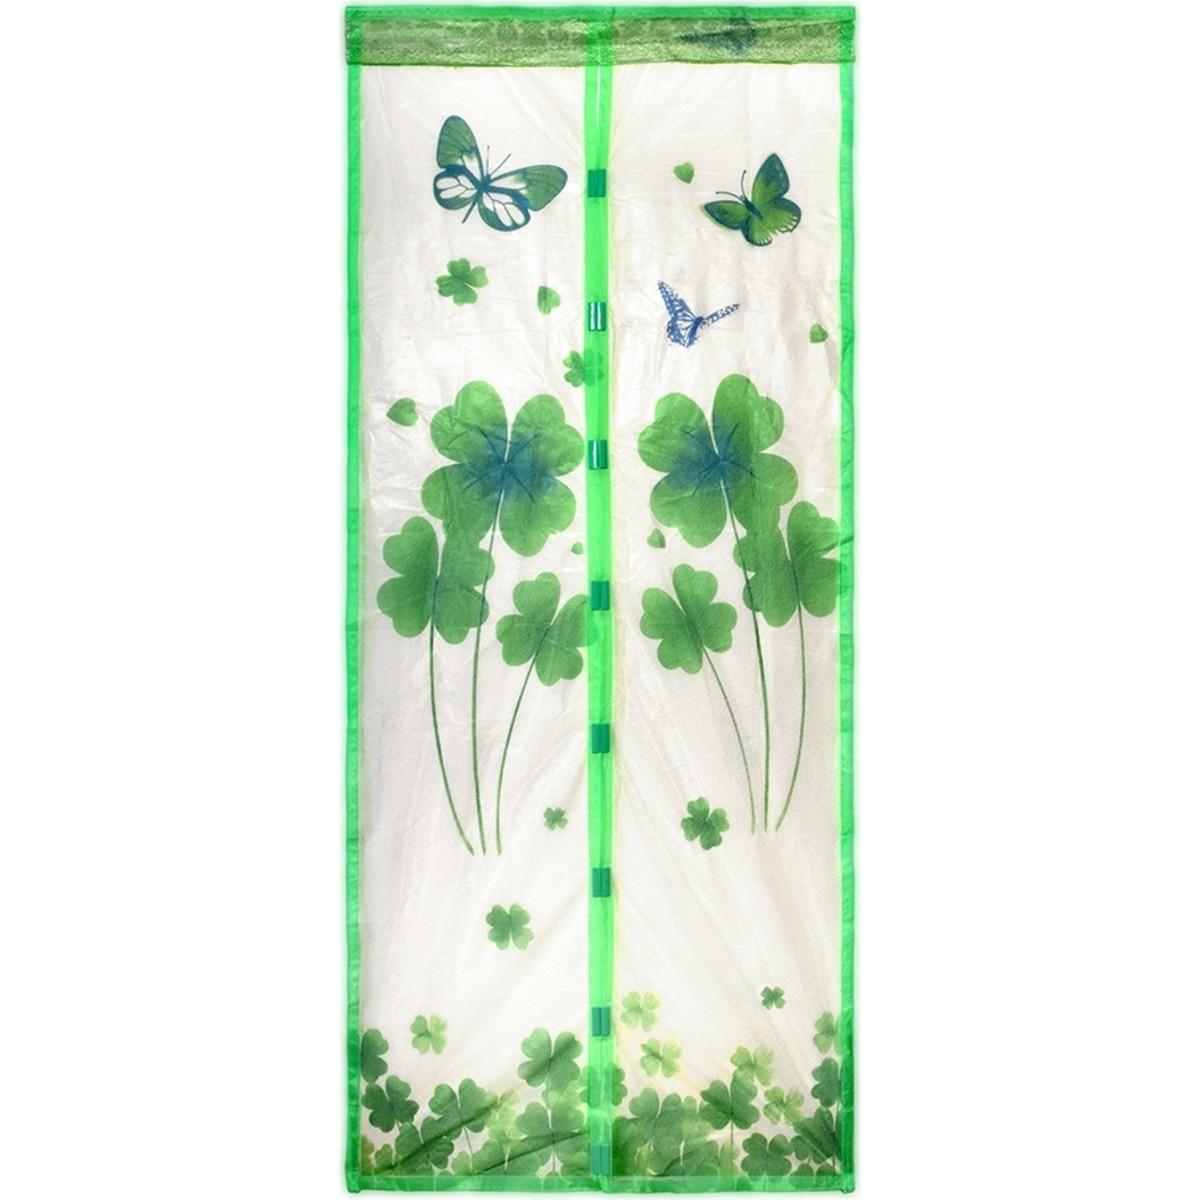 Москитная сетка-штора на дверь 45x210 см цвет серый/зеленый 2 шт.